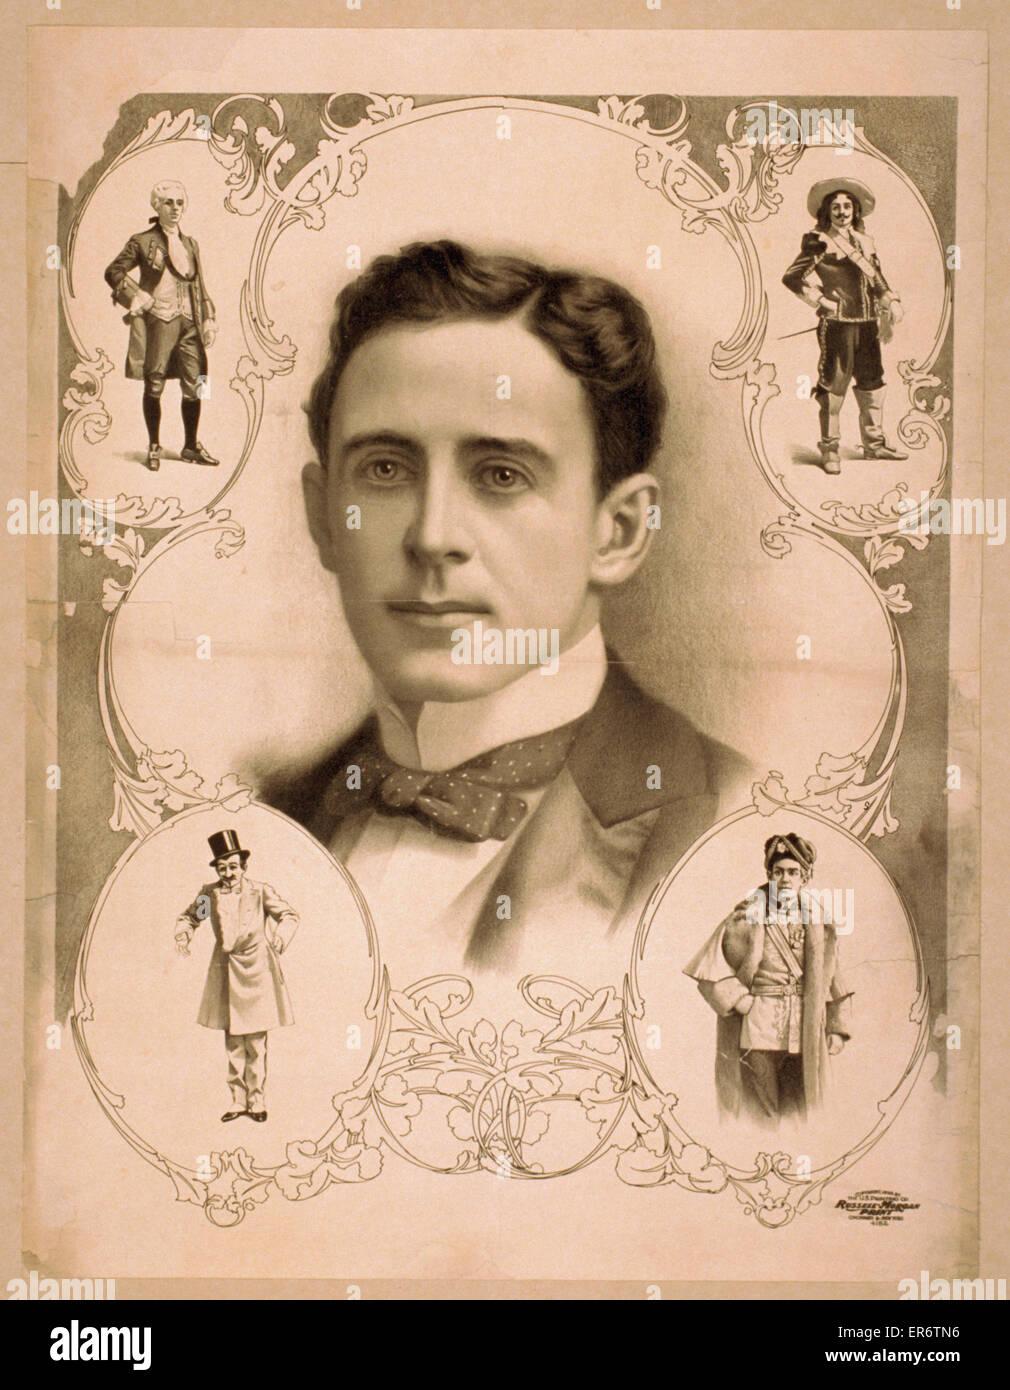 Busto immagine dell uomo in bowtie circondato da quattro immagini dello stesso uomo in costume. Data c1899. Immagini Stock